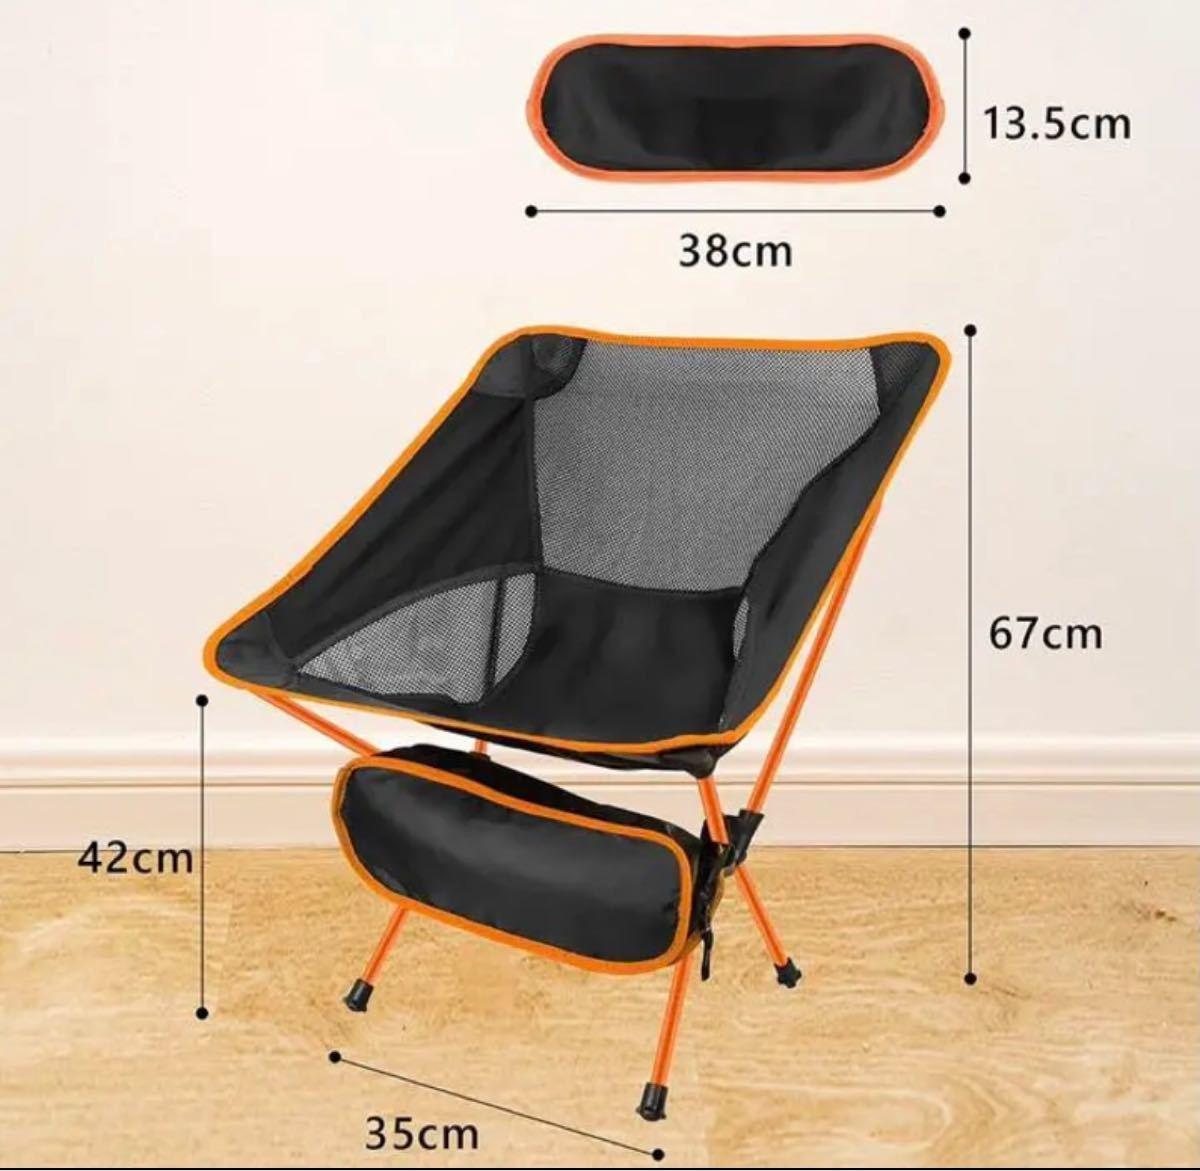 アウトドアチェア キャンプチェア 折りたたみ椅子 900g 超軽量 耐荷重